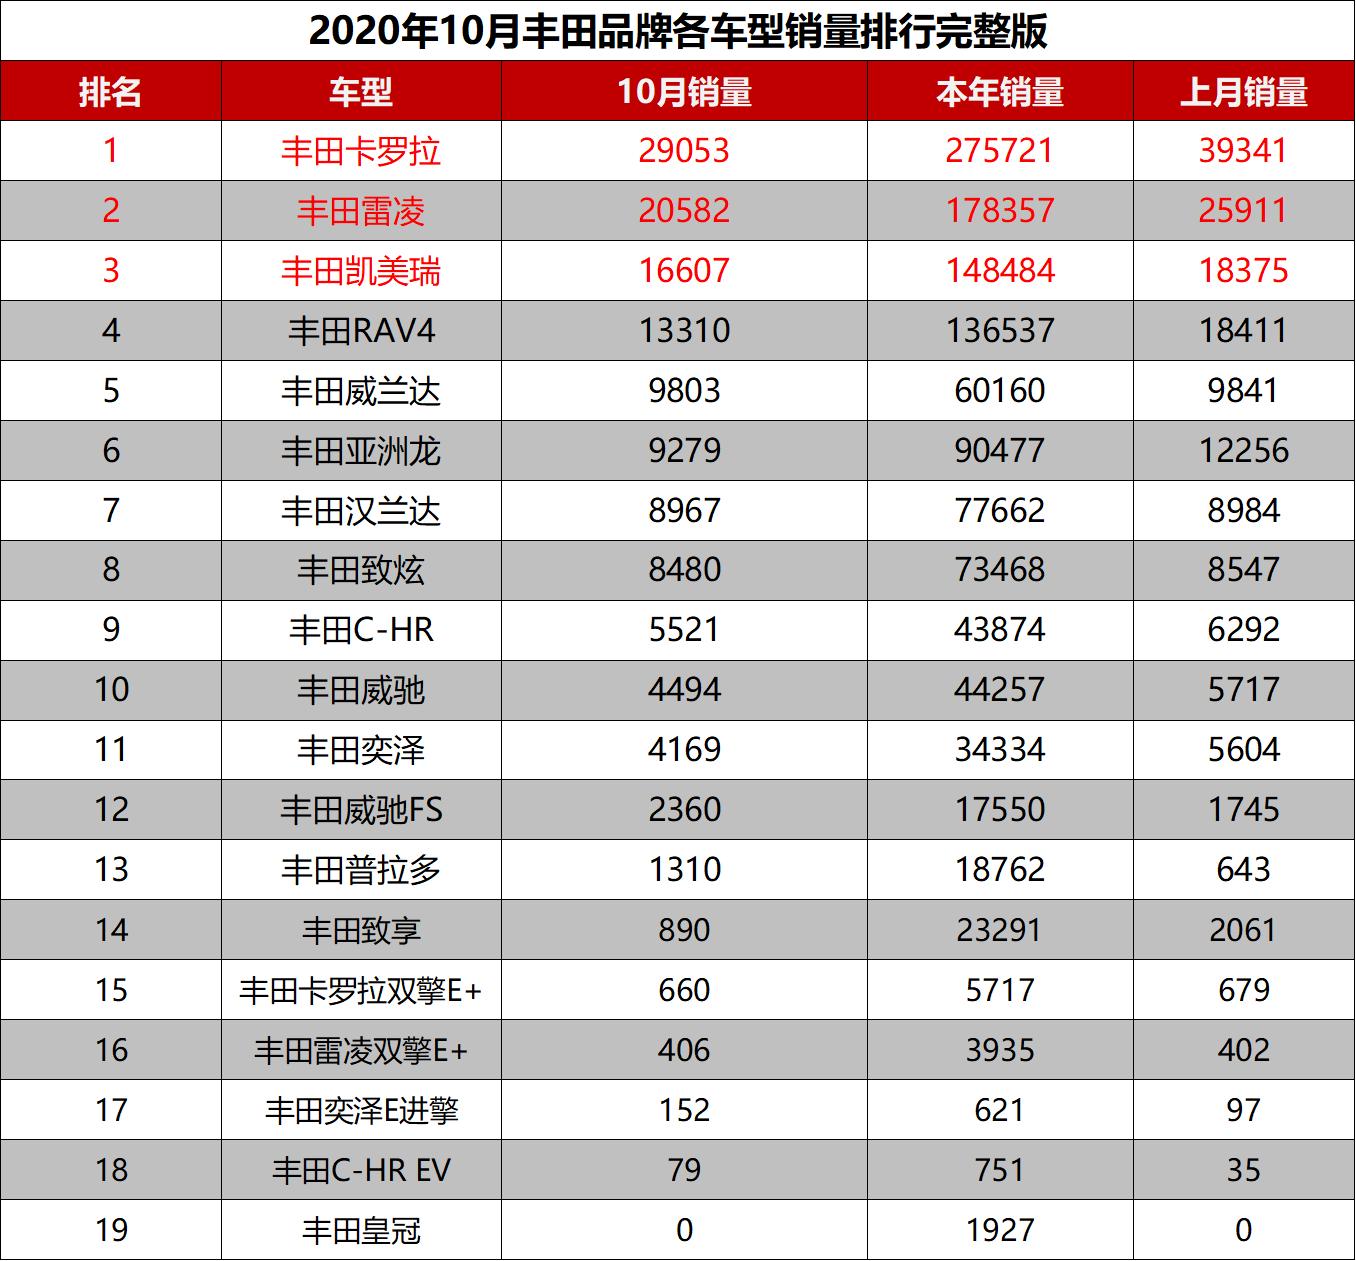 2020年10月丰田品牌各车型销量排行完整版卡罗拉排行第一